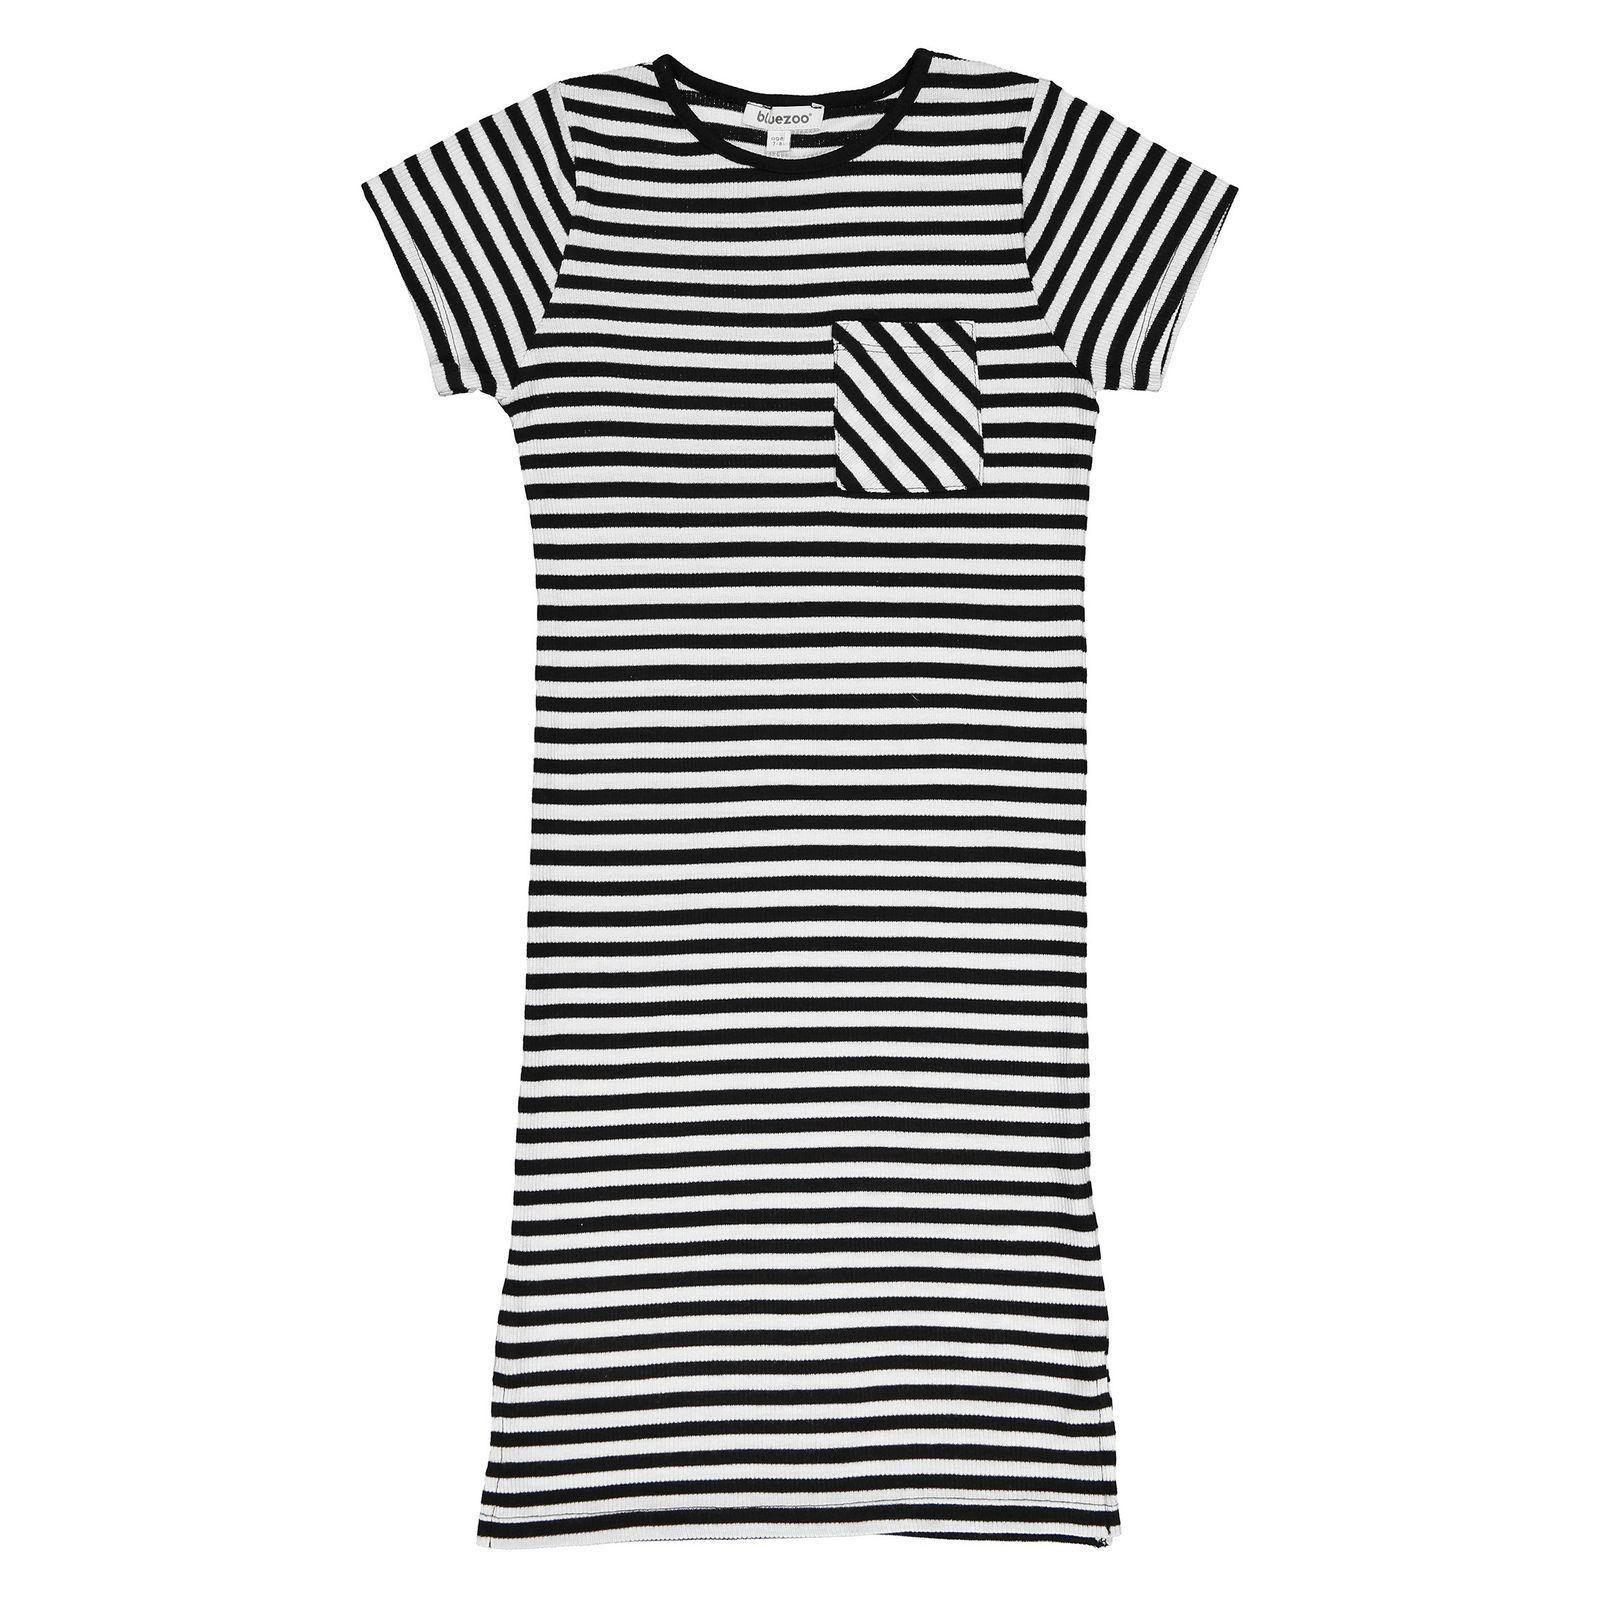 پیراهن ویسکوز دخترانه - بلوزو - راه راه - 1